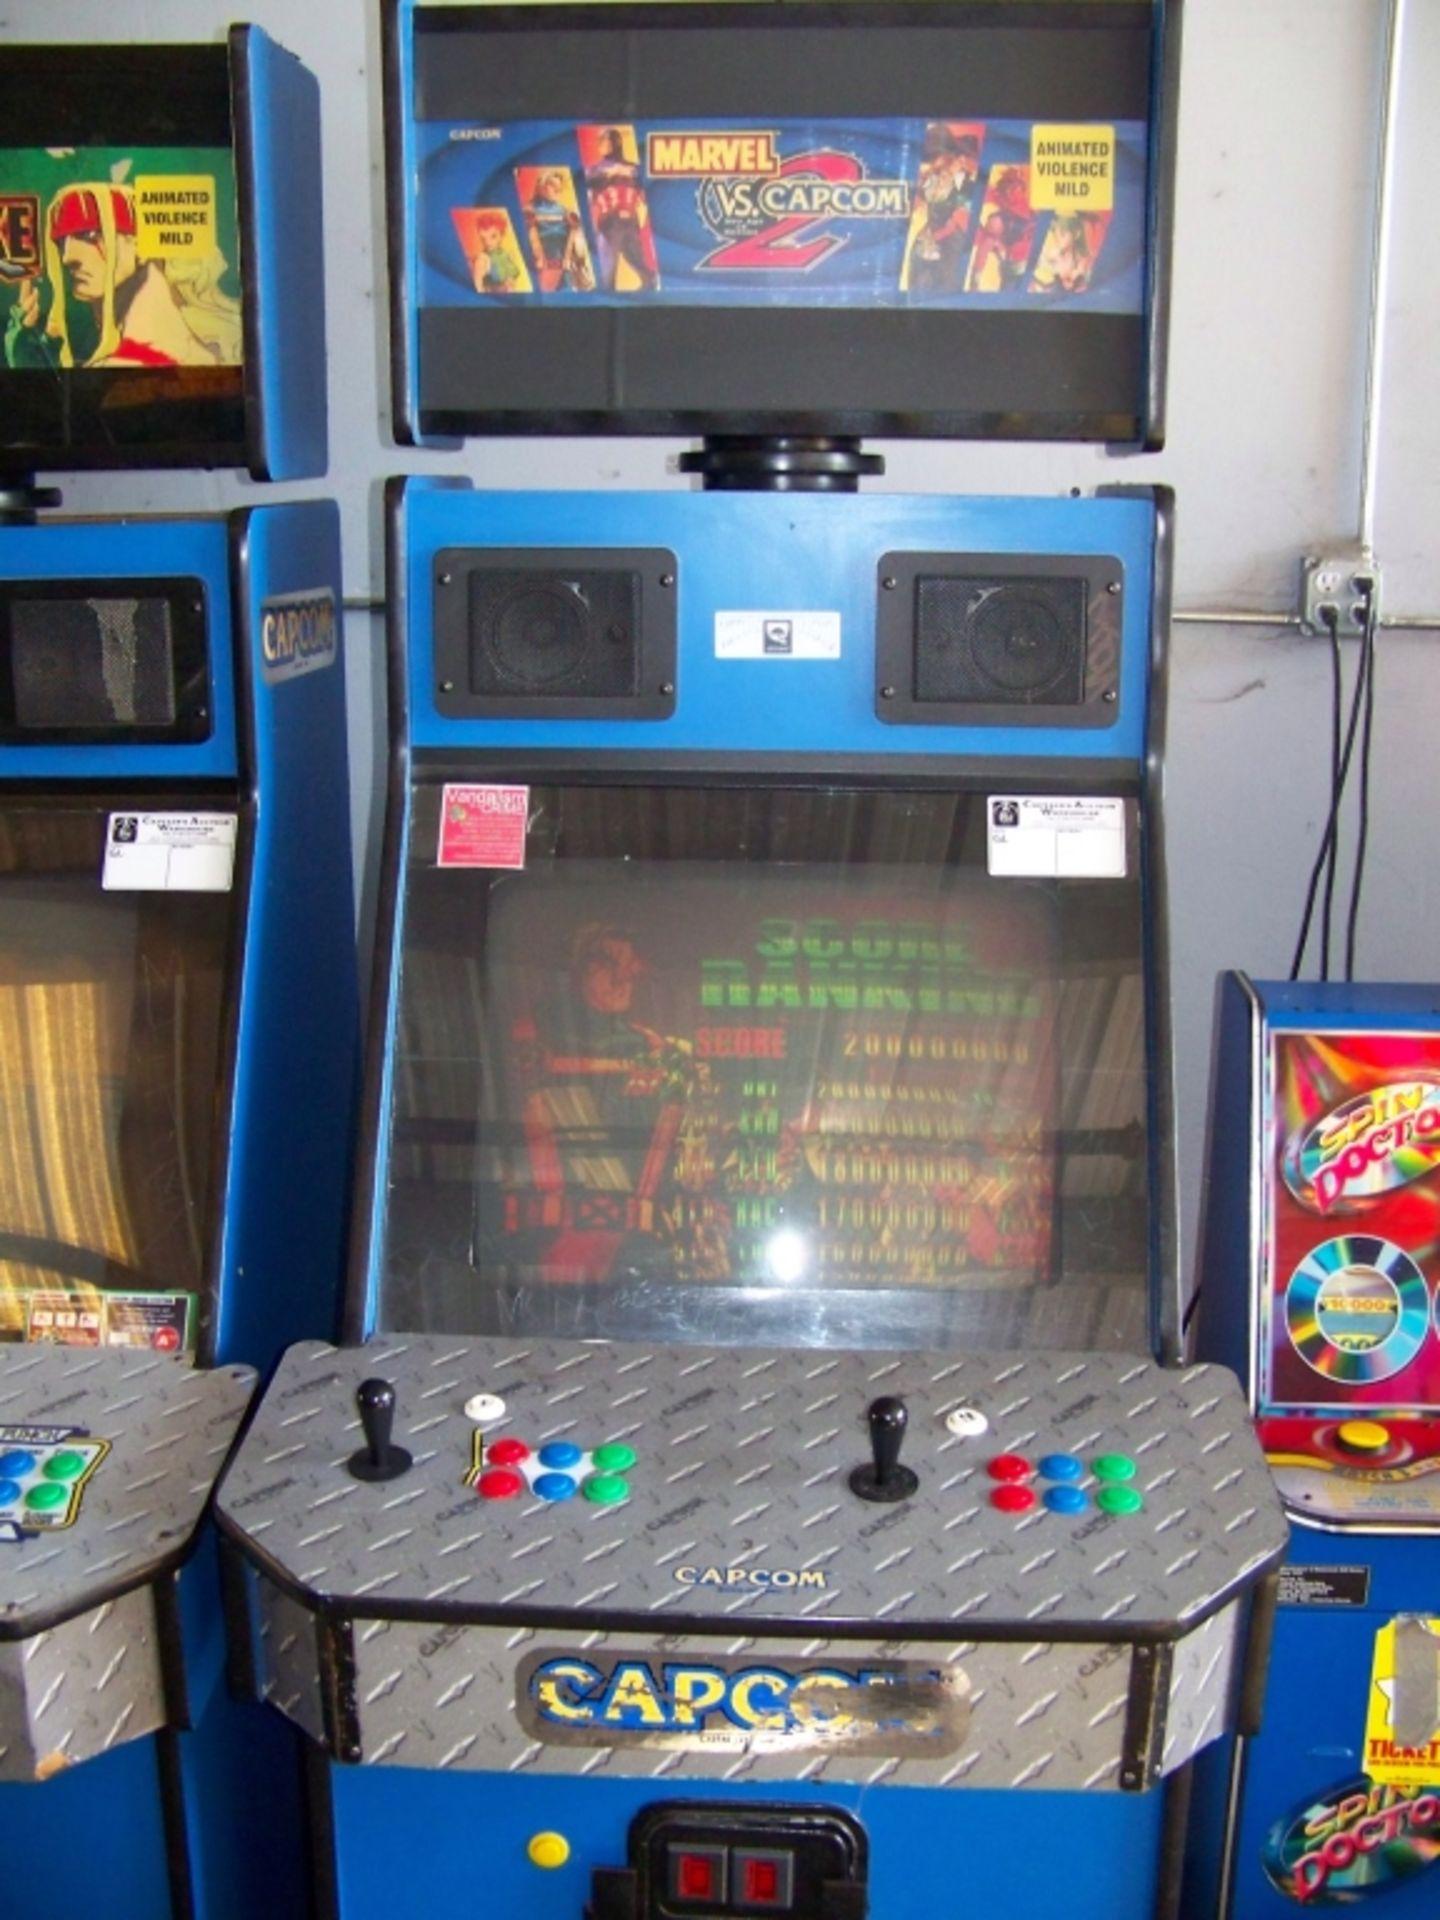 MARVEL VS. CAPCOM 2 ARCADE GAME Q SOUND CAB - Image 3 of 3